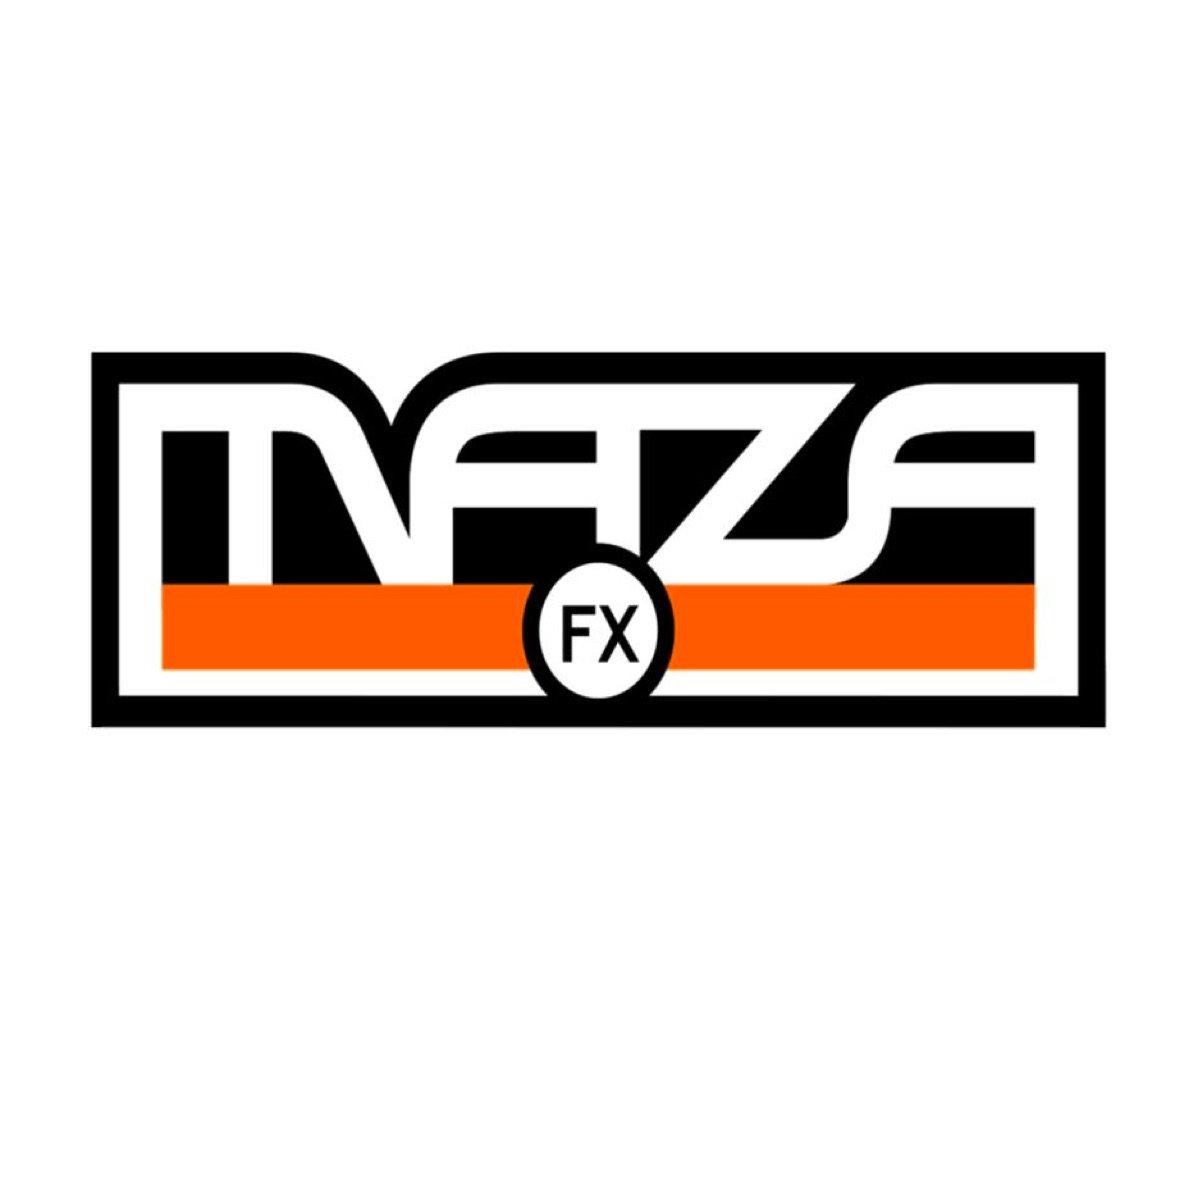 Maza FX